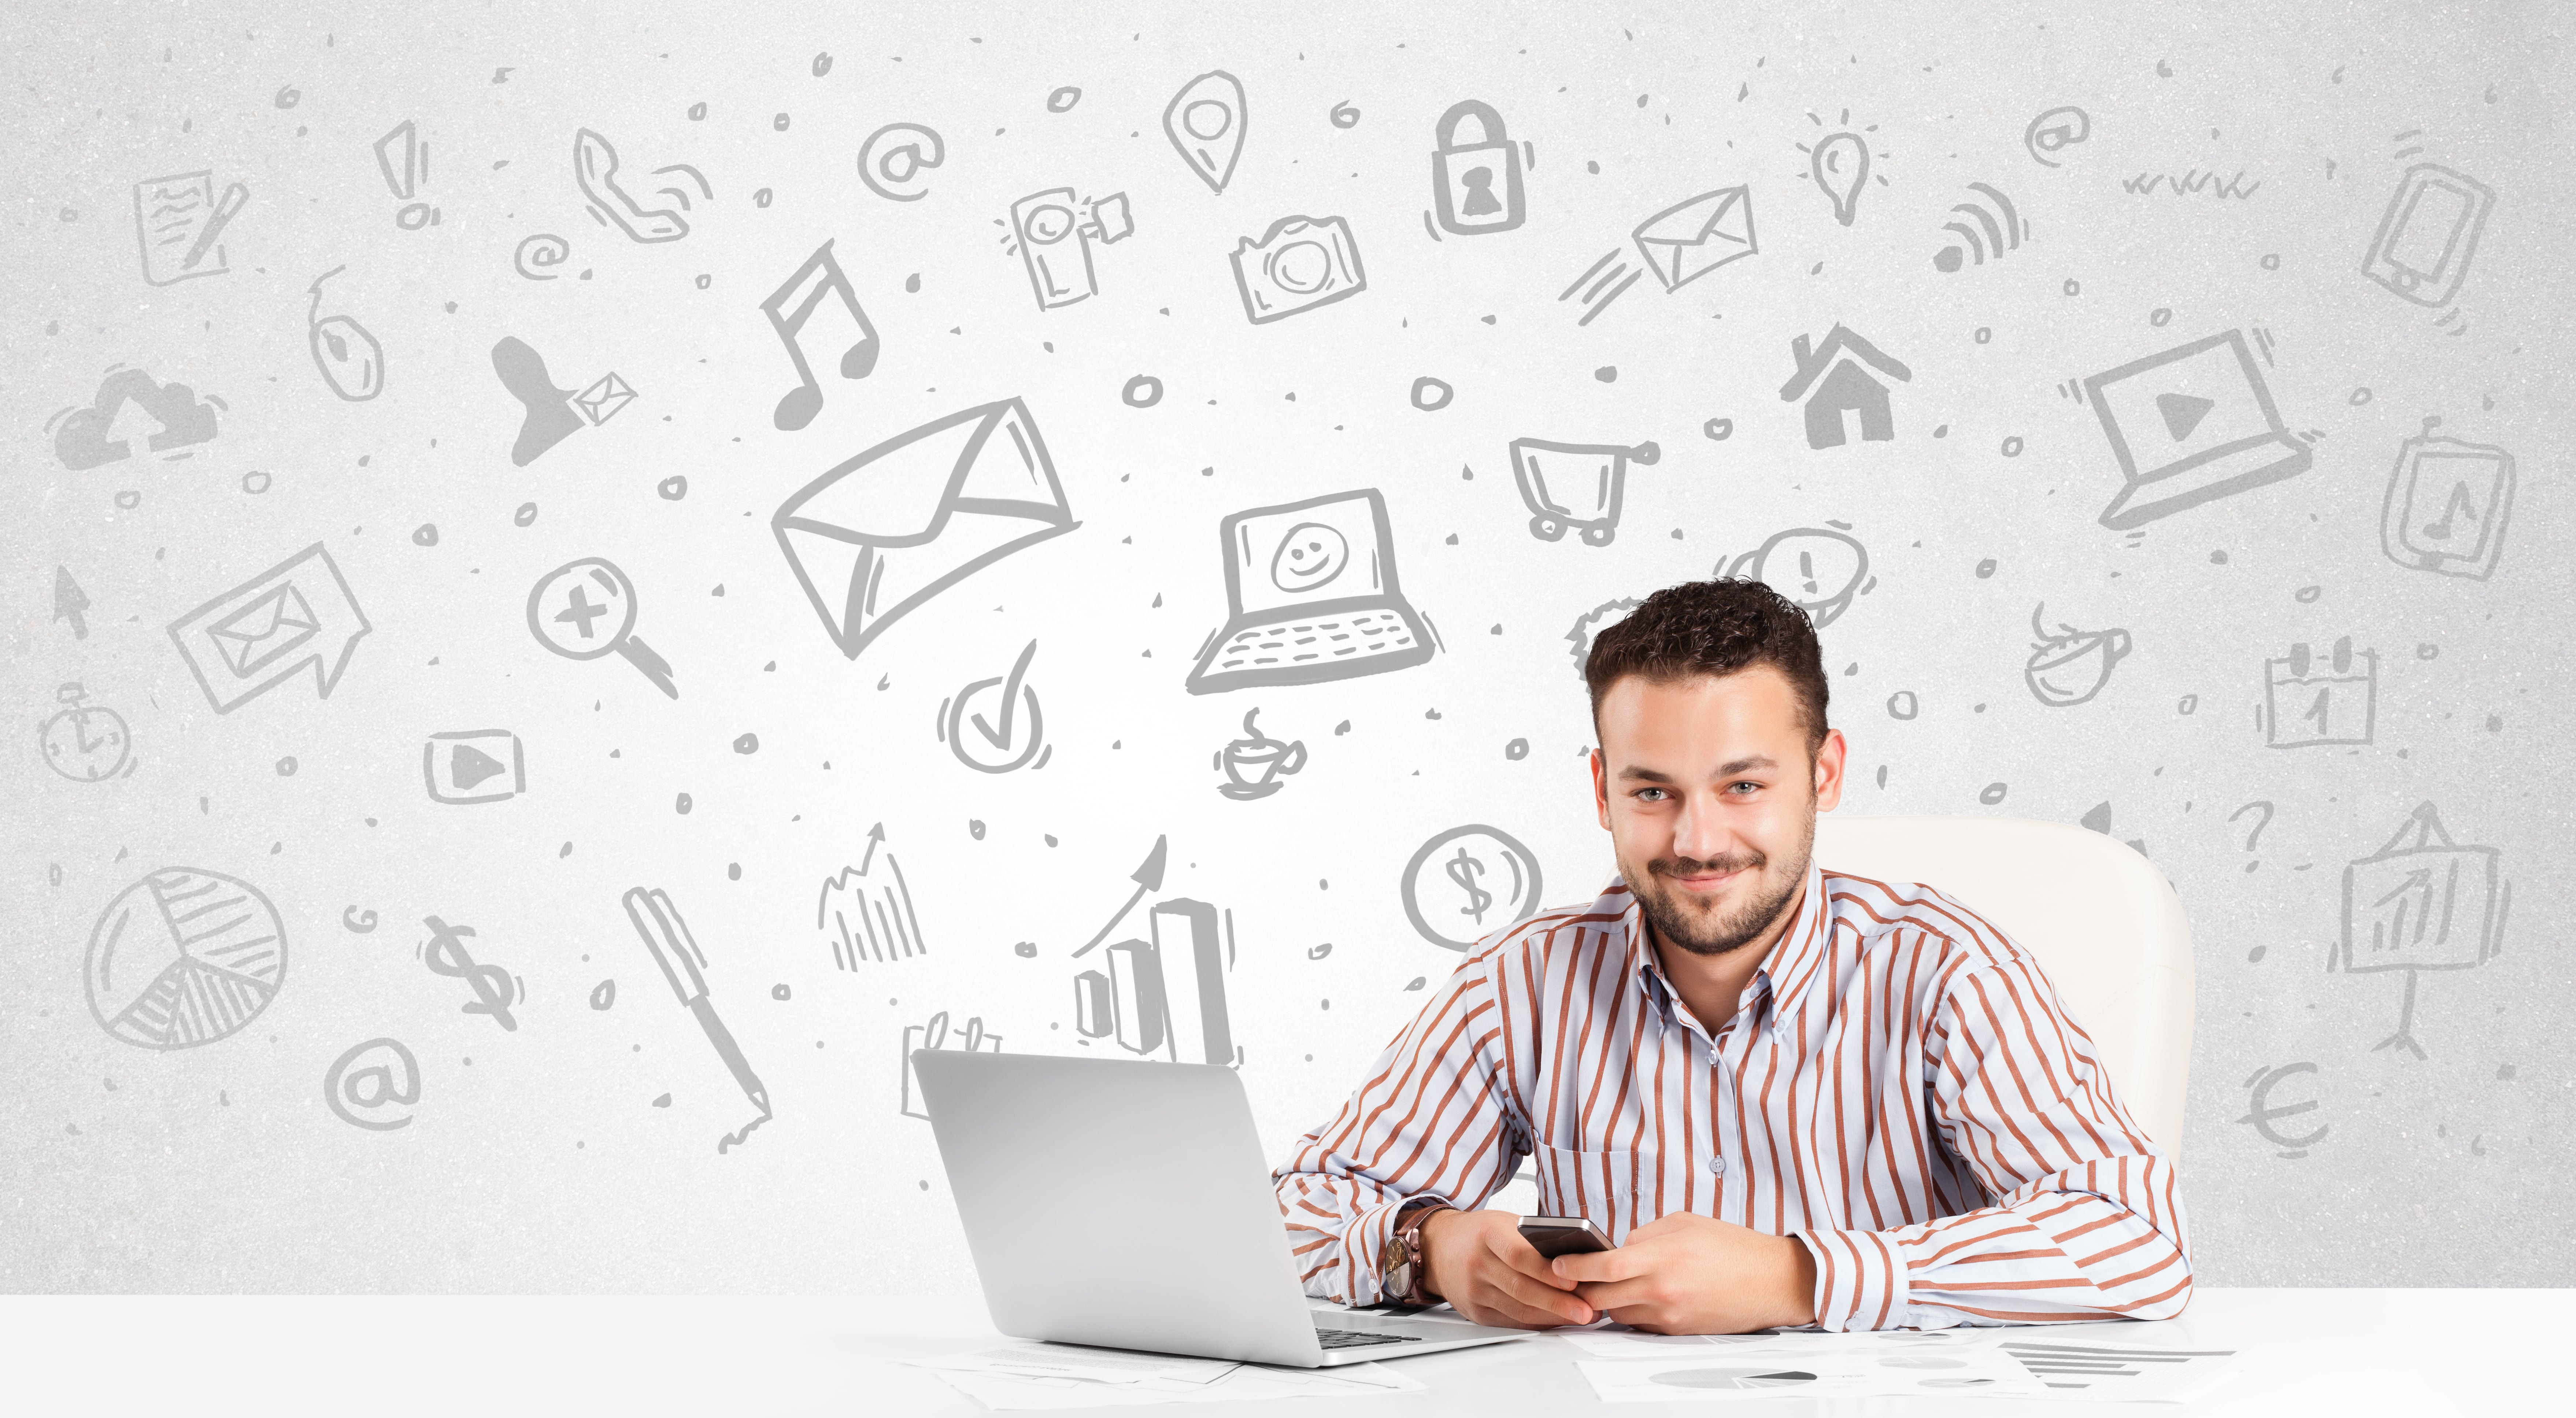 marketing digital, estrategia online, aumento de clientes, ganar visibilidad, aparecer primero en google, aumentar oportunidades de negocio, woobsing